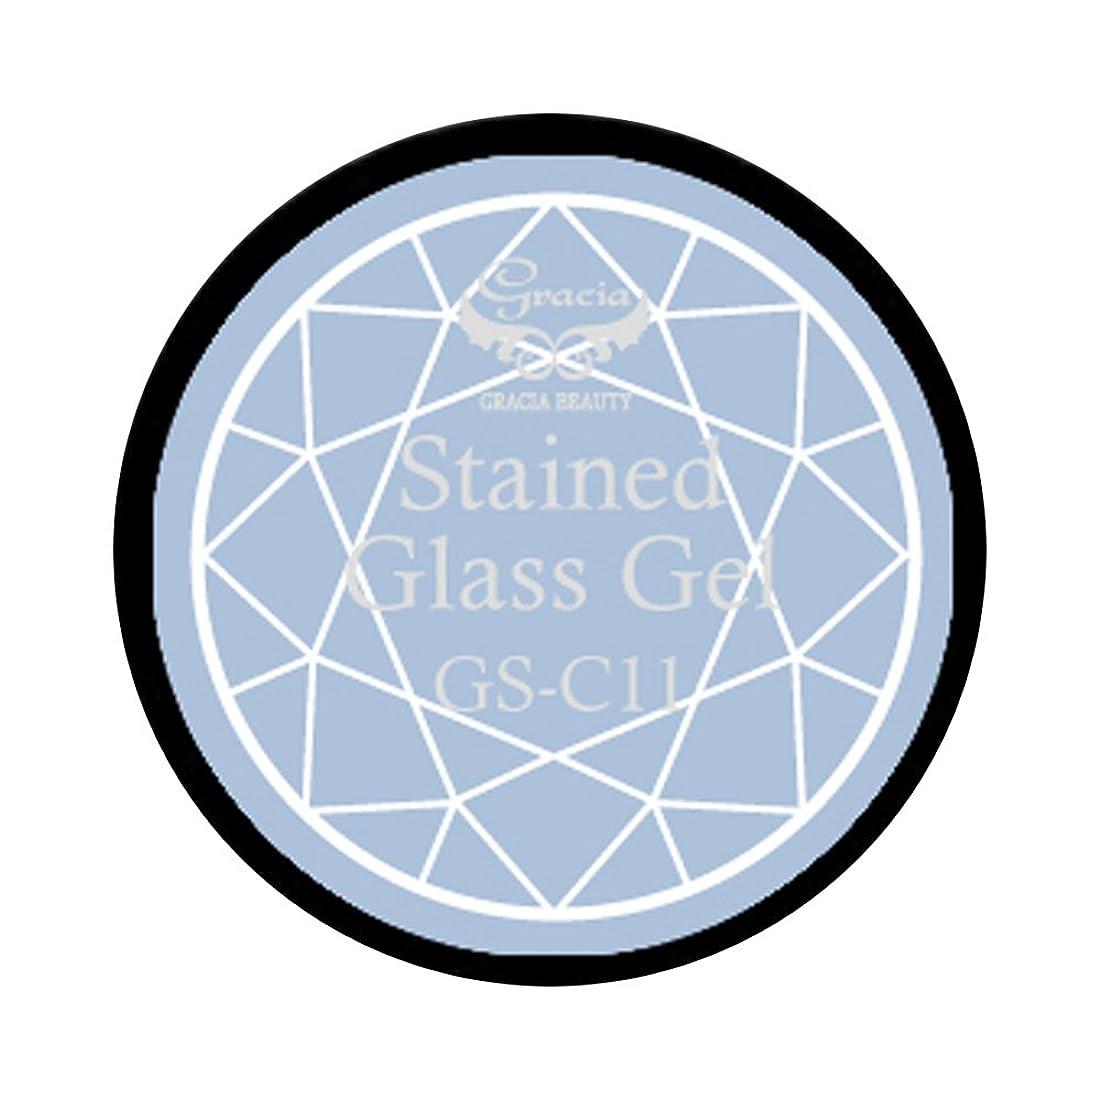 薄暗い衝突溶かすグラシア ジェルネイル ステンドグラスジェル GSM-C11 3g  クリア UV/LED対応 カラージェル ソークオフジェル ガラスのような透明感